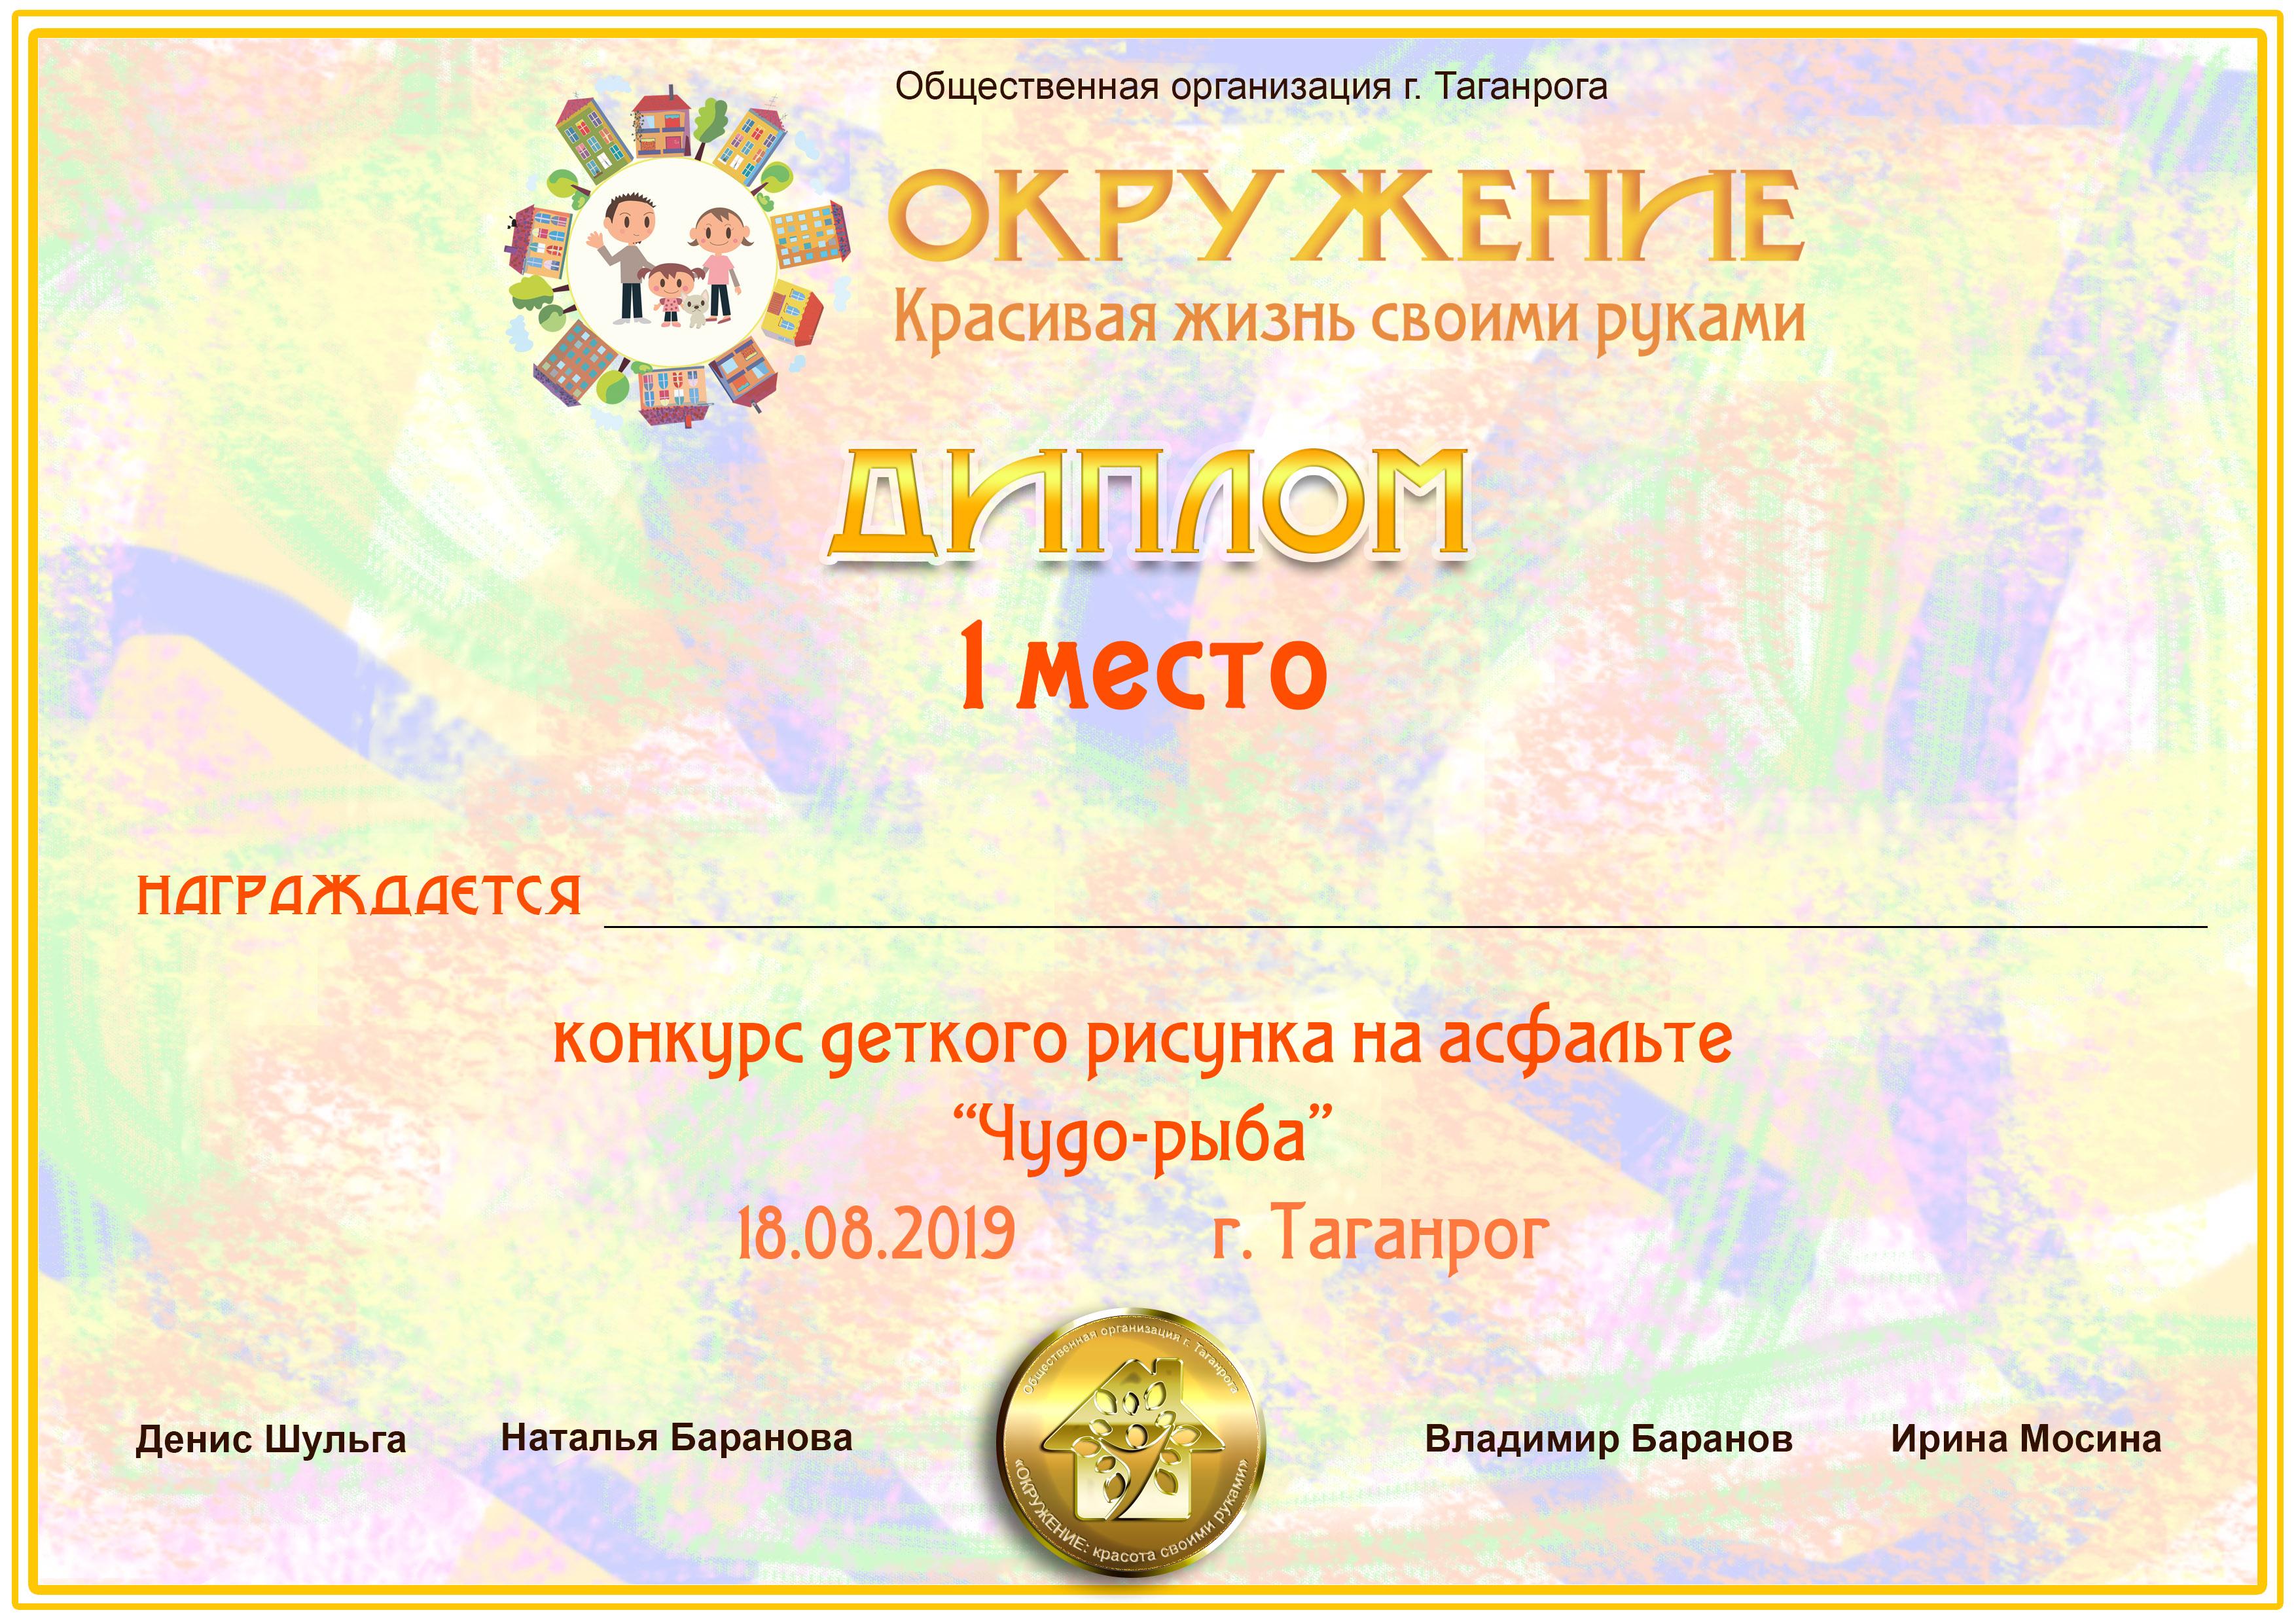 Диплом для конкурса